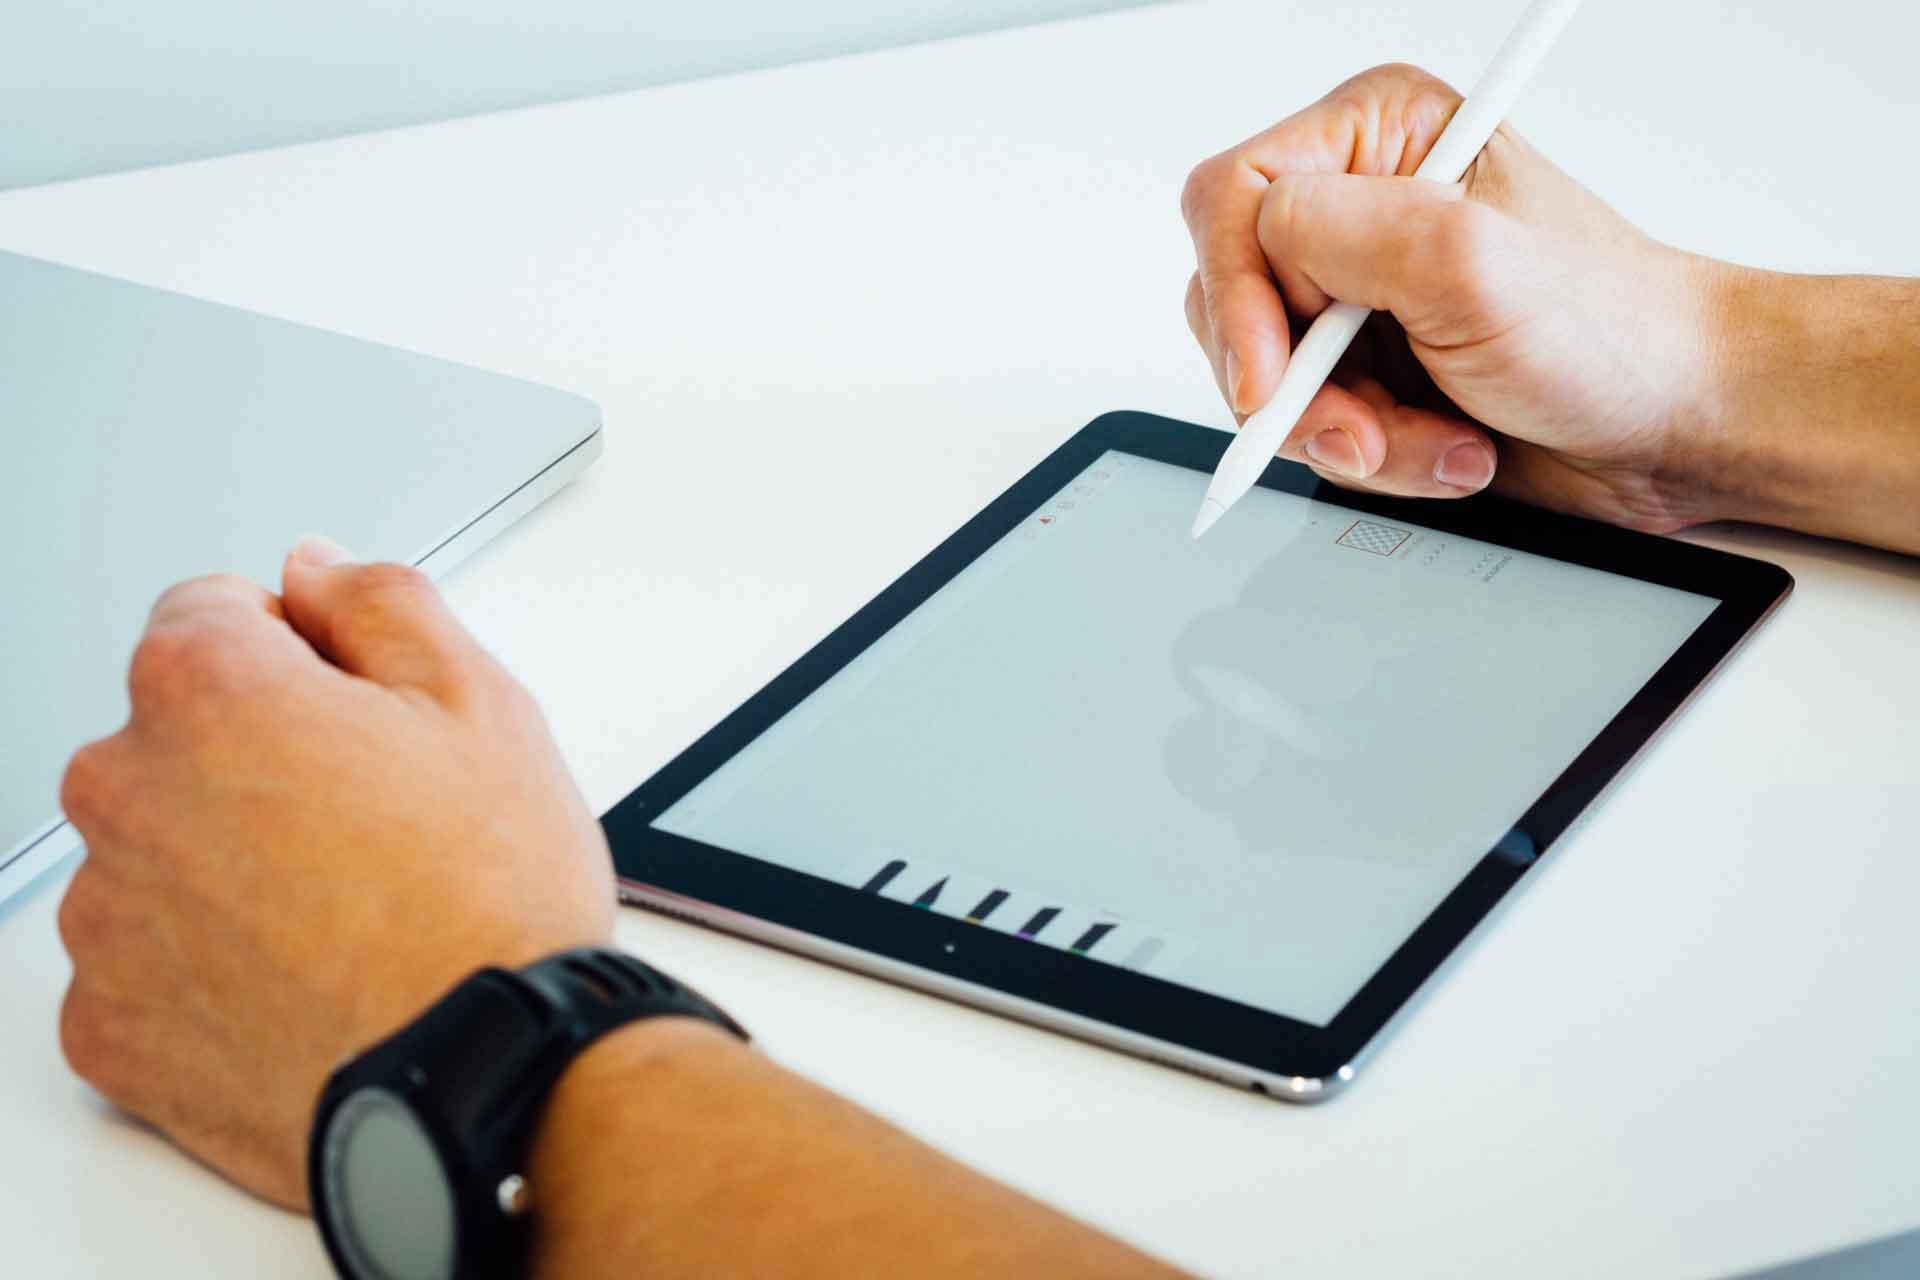 lv-design-realizzazione-siti-web-bologna-progettazione-grafica